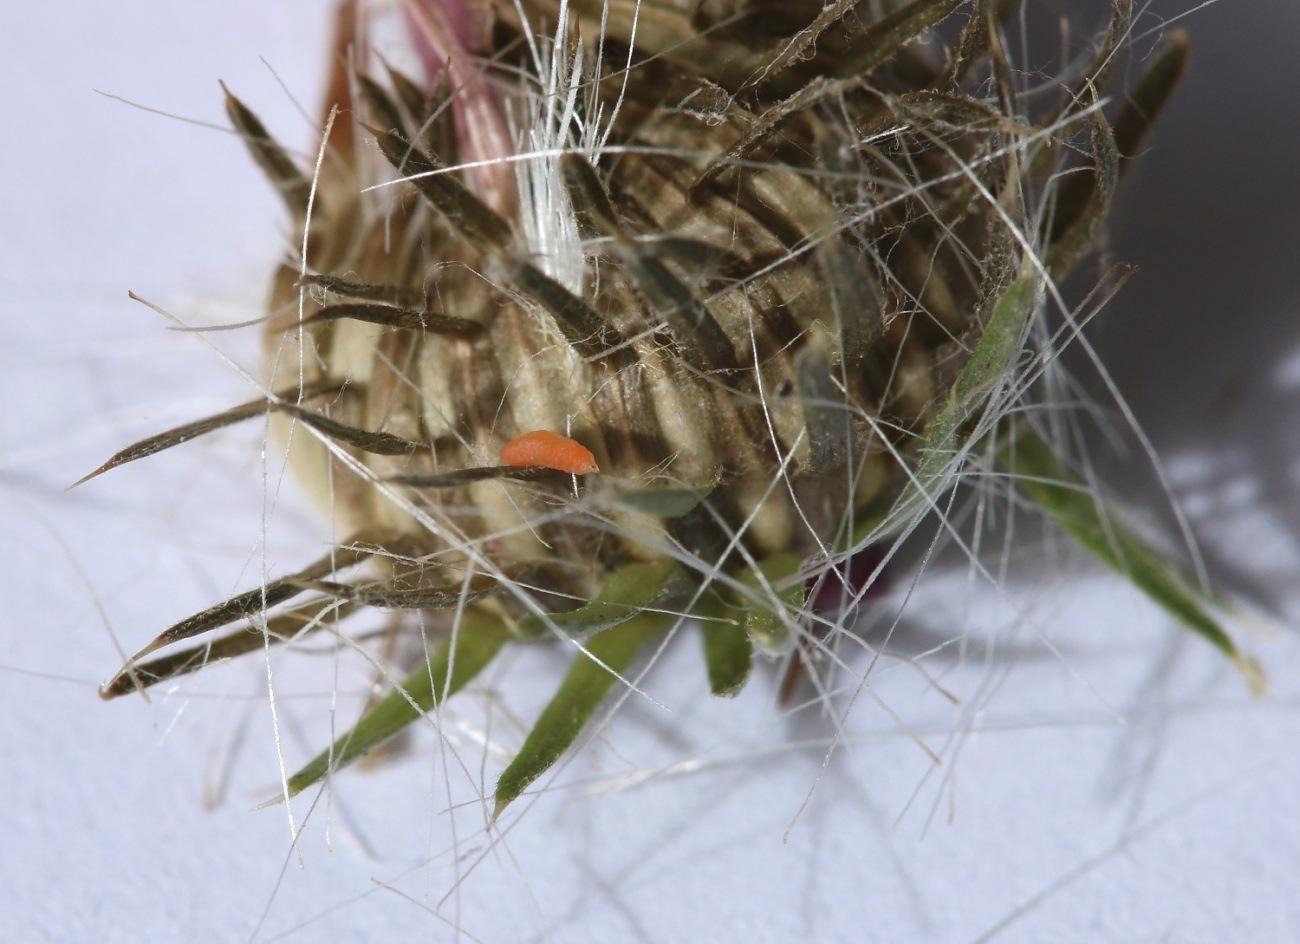 Jaapiella cirsiicola